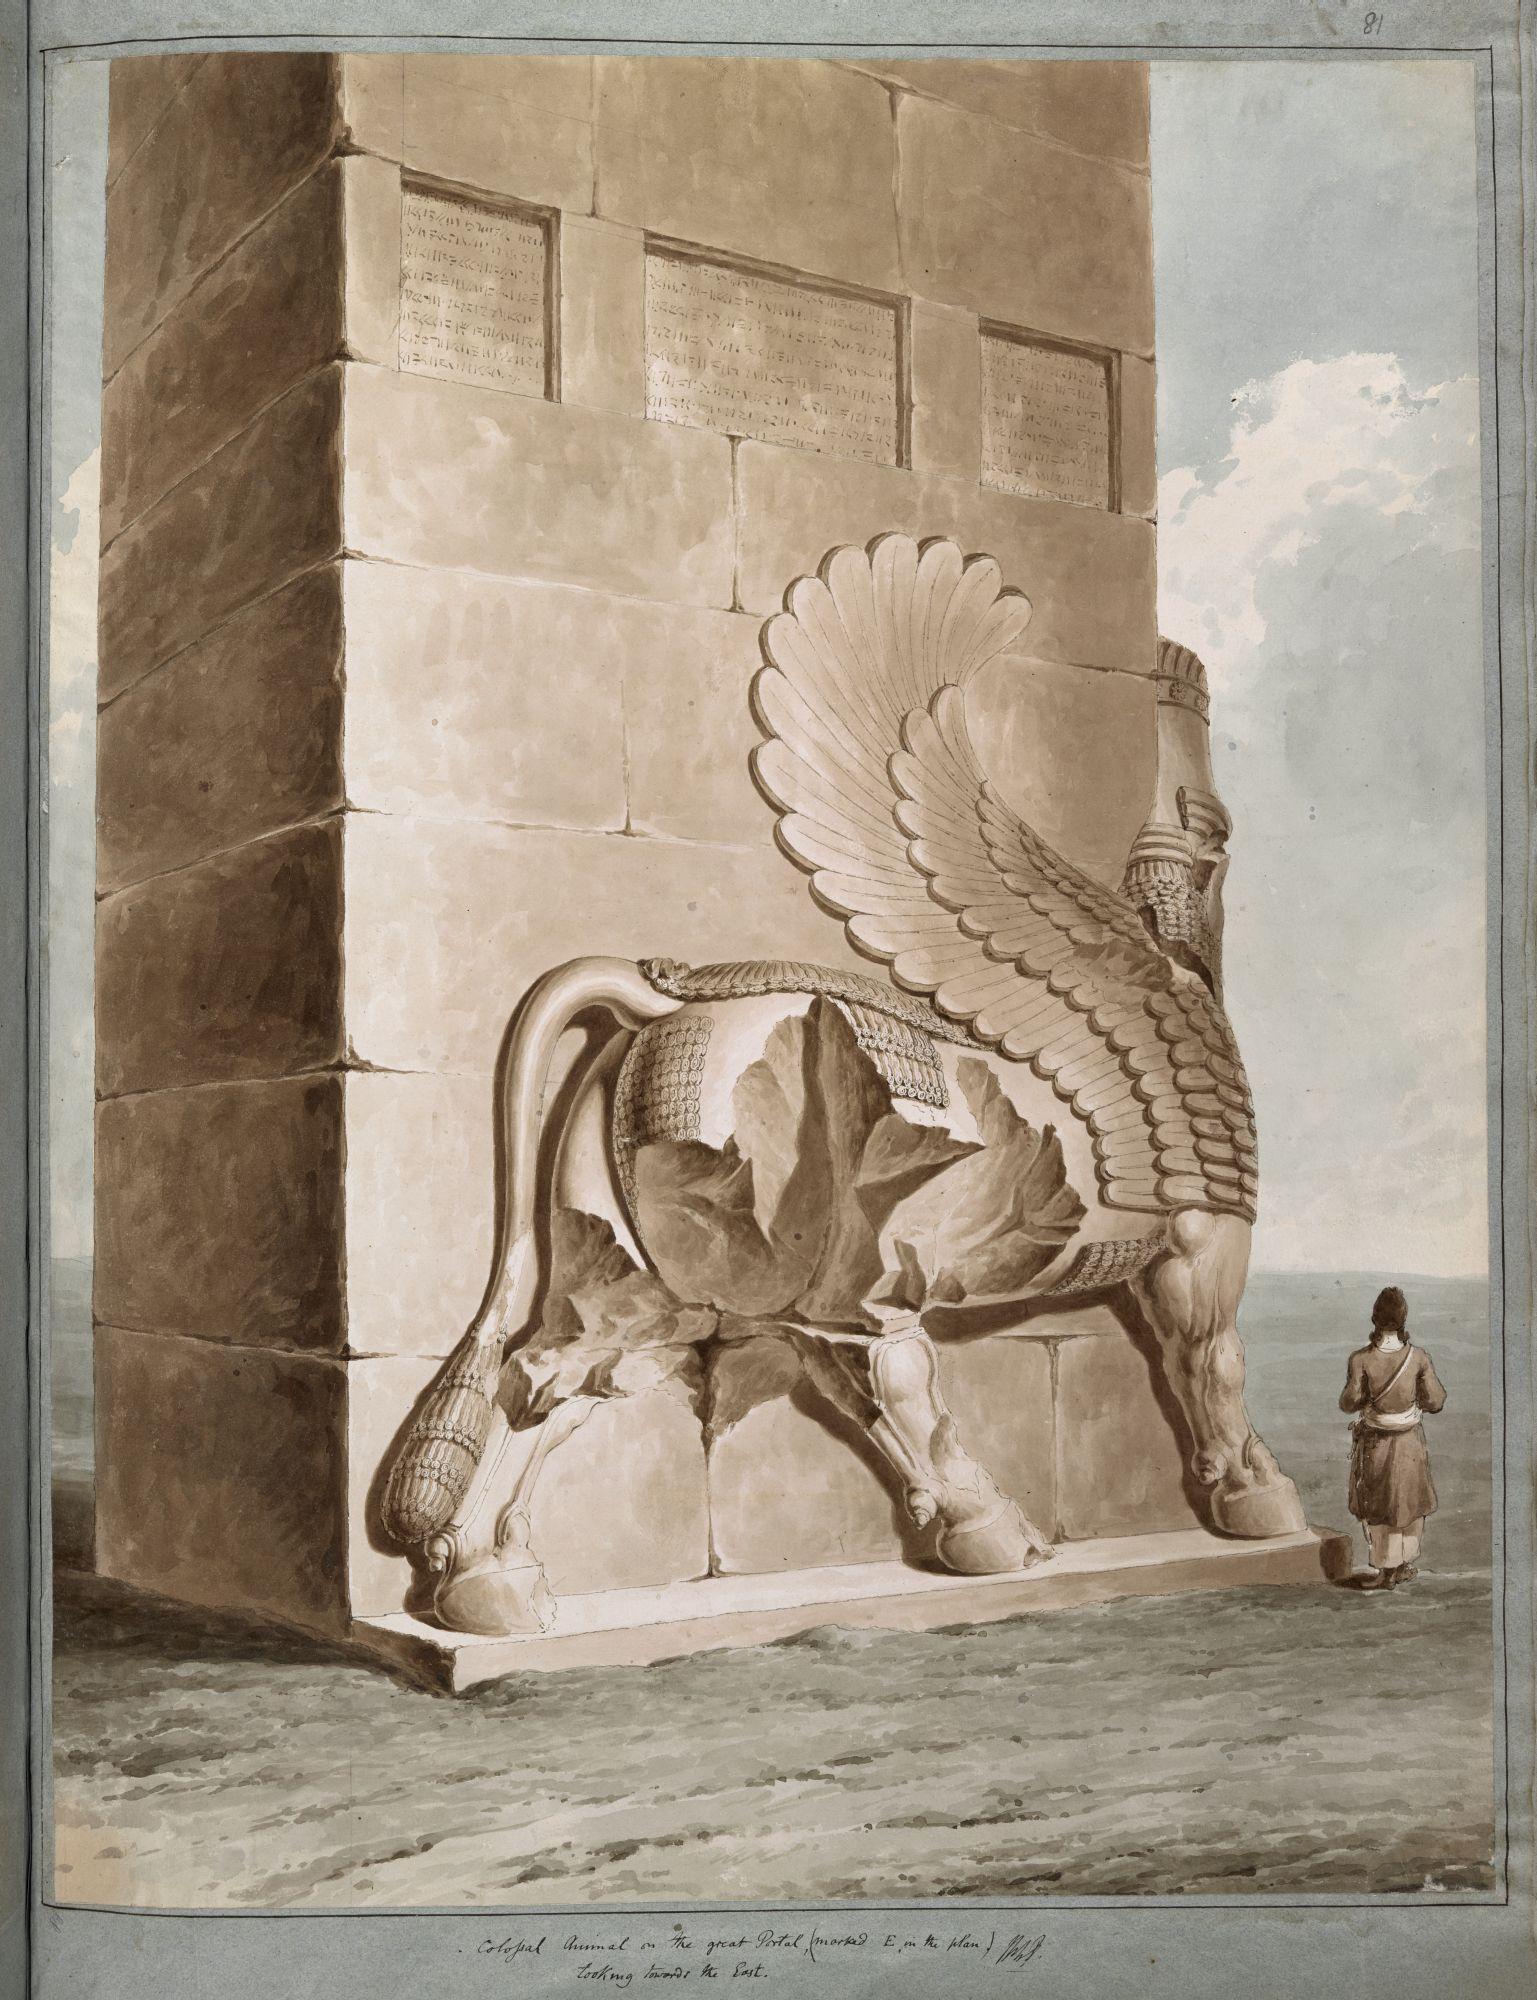 Taureau ailé à Persépolis. Le «lamassu», ou taureau ailé, était à l'origine un symbole de l'Empire assyrien, plus tard adopté par les dirigeants achéménides, comme on le voit ici dans les propylées de Persépolis.